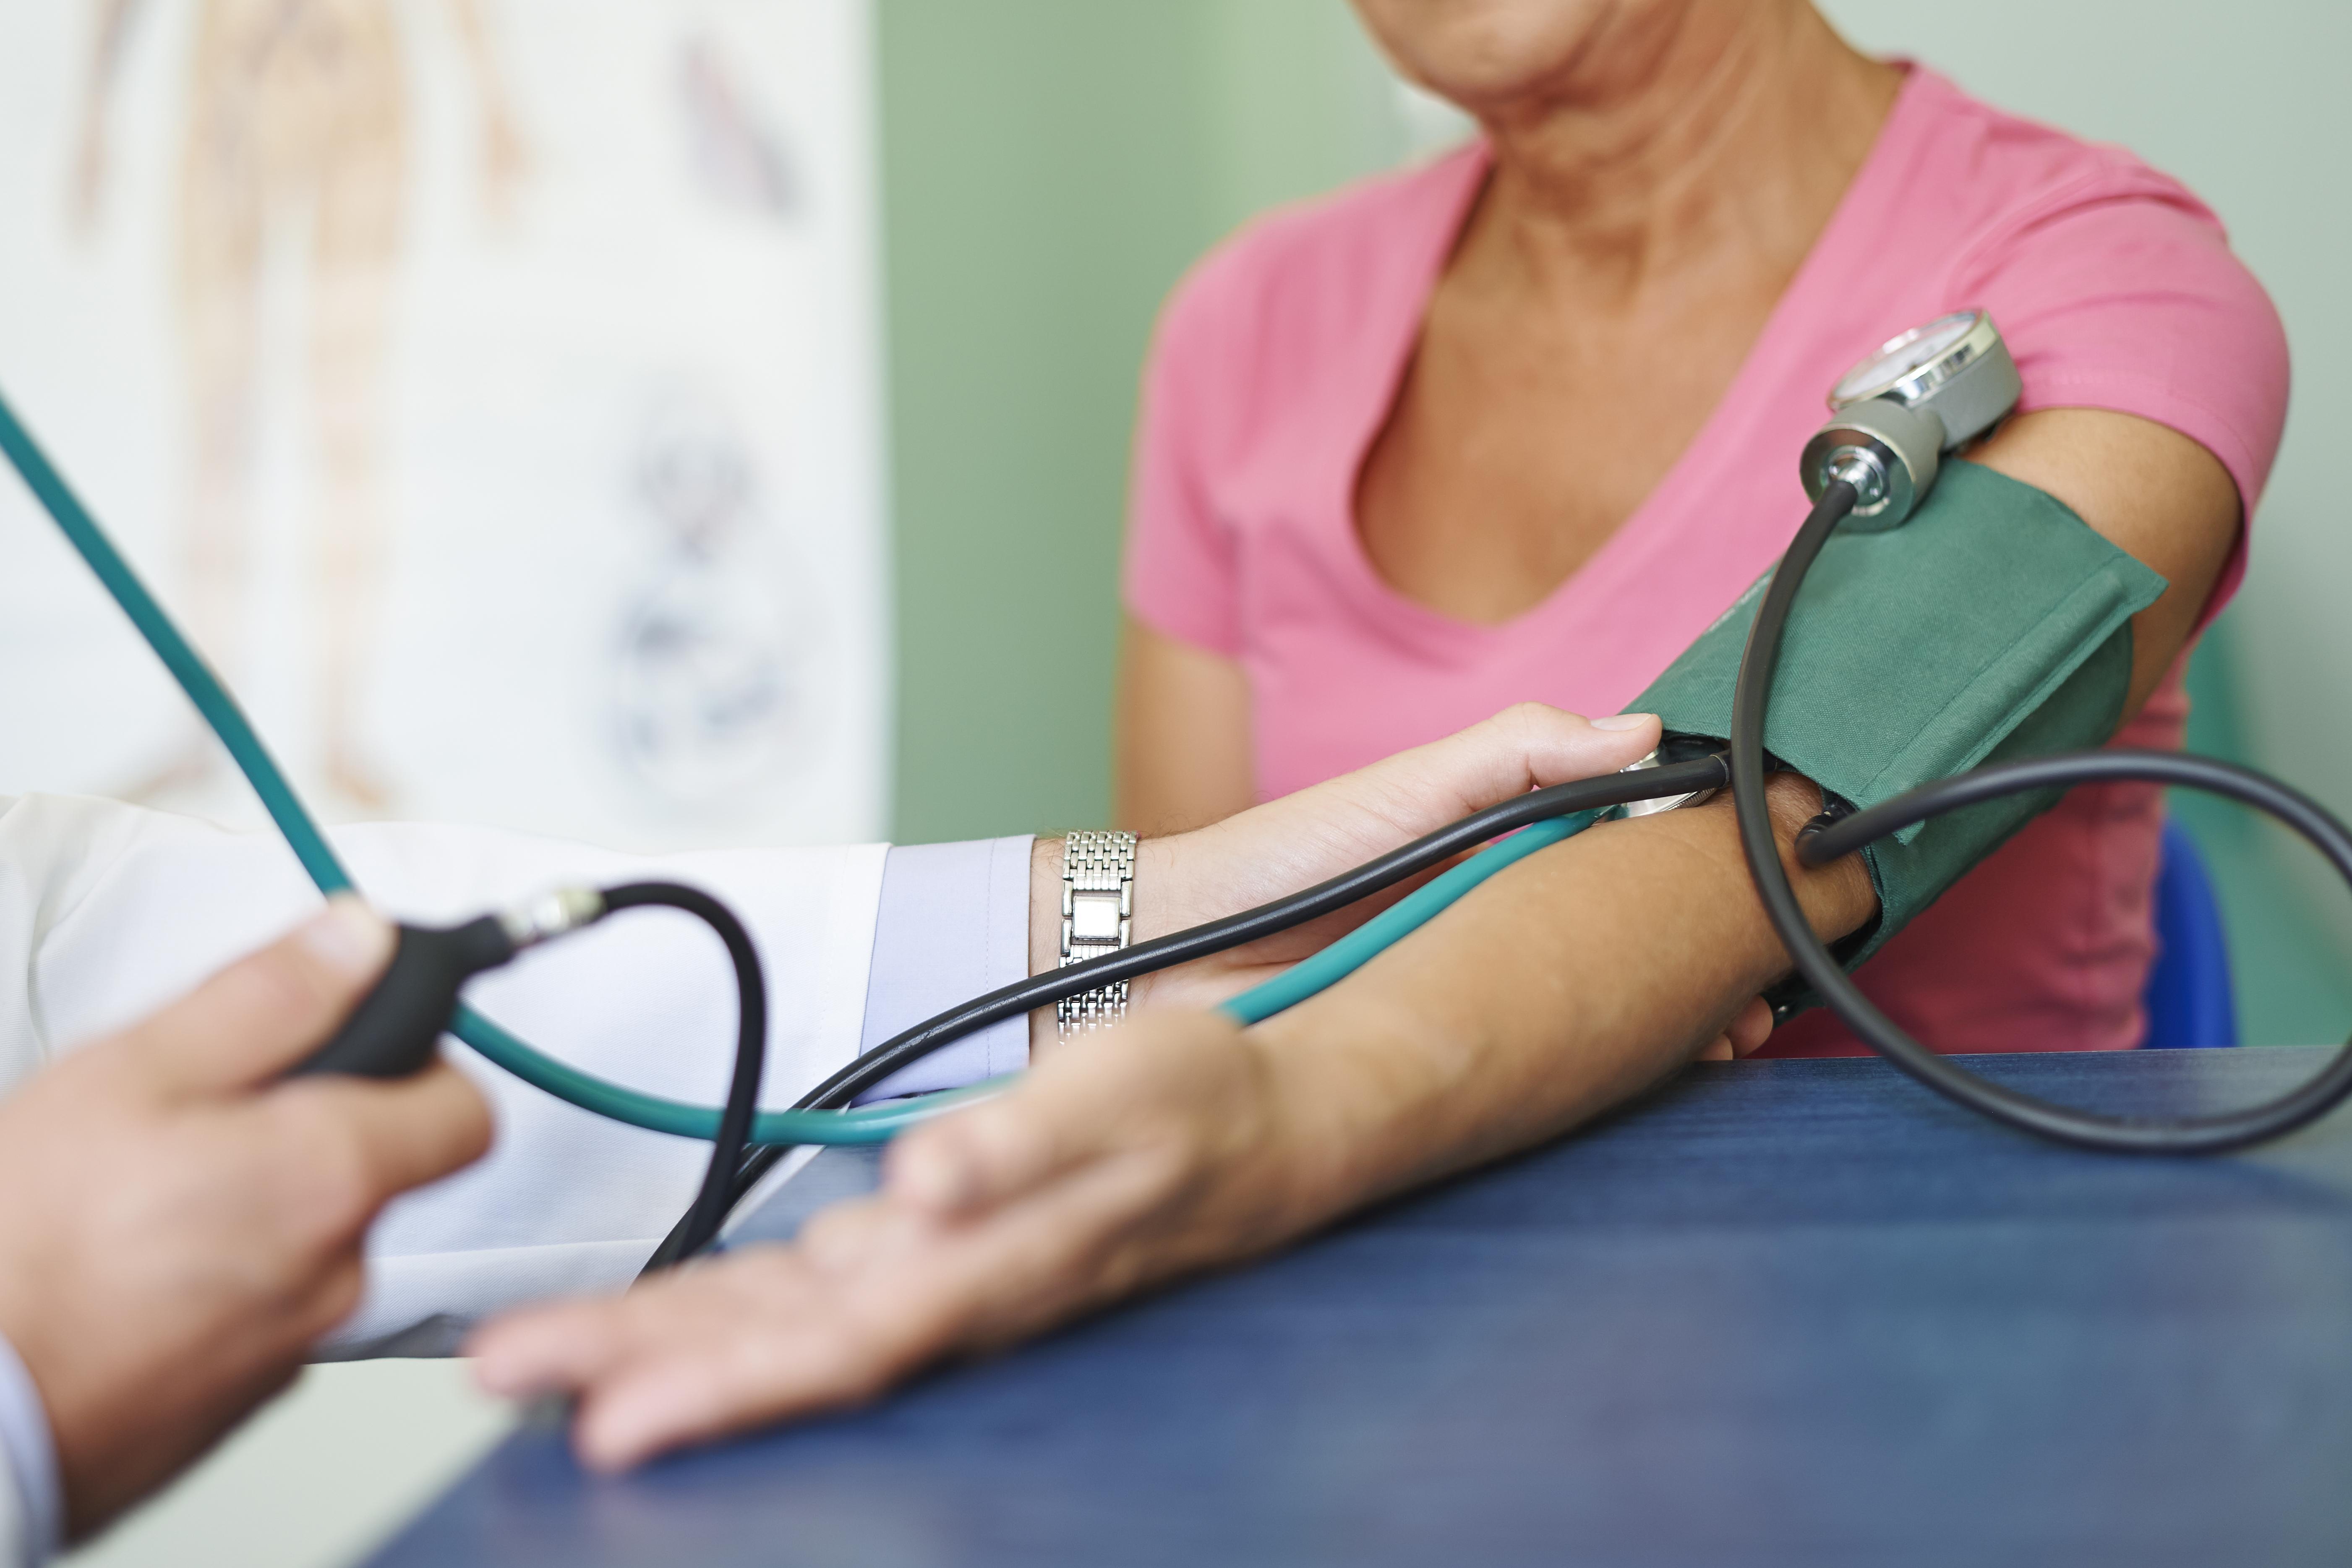 Man beräknar att var tredje vuxen svensk har högt blodtryck. Högt blodtryck försvårar hjärtats pumparbete och kan vara allvarligt om det inte behandlas.